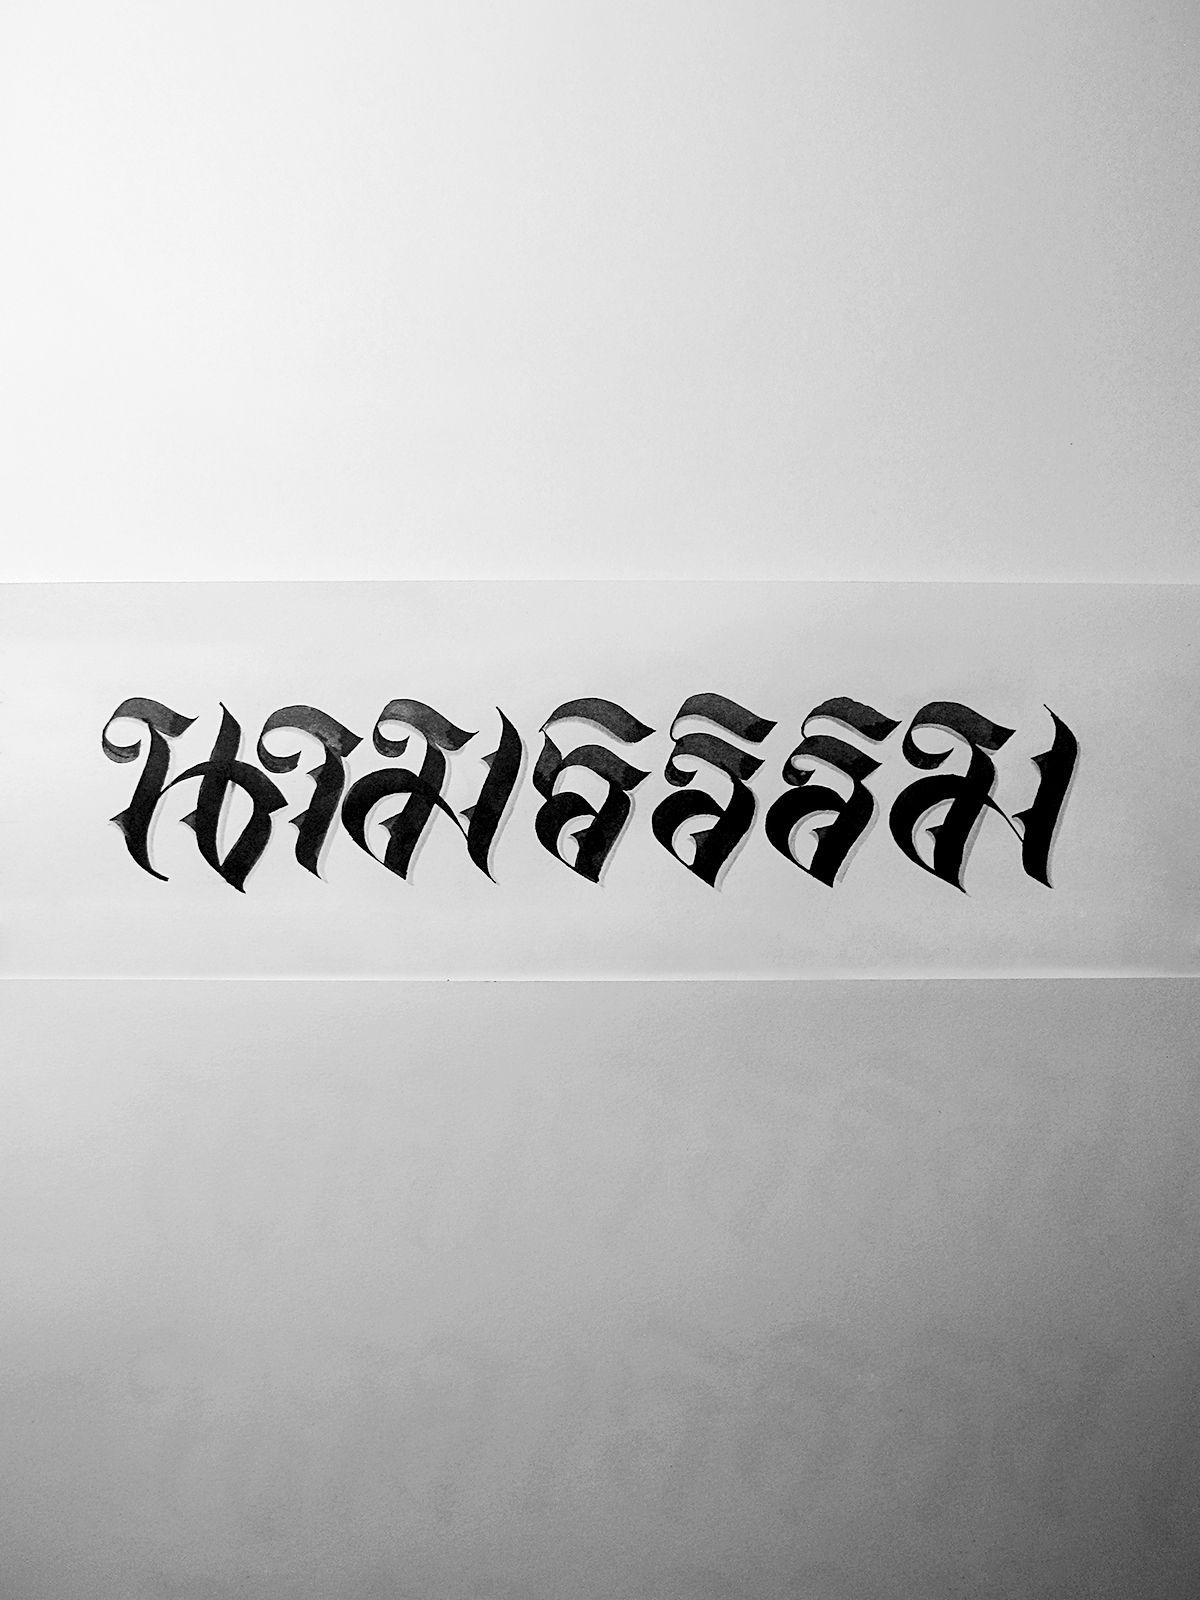 Hydro lettering pinterest html